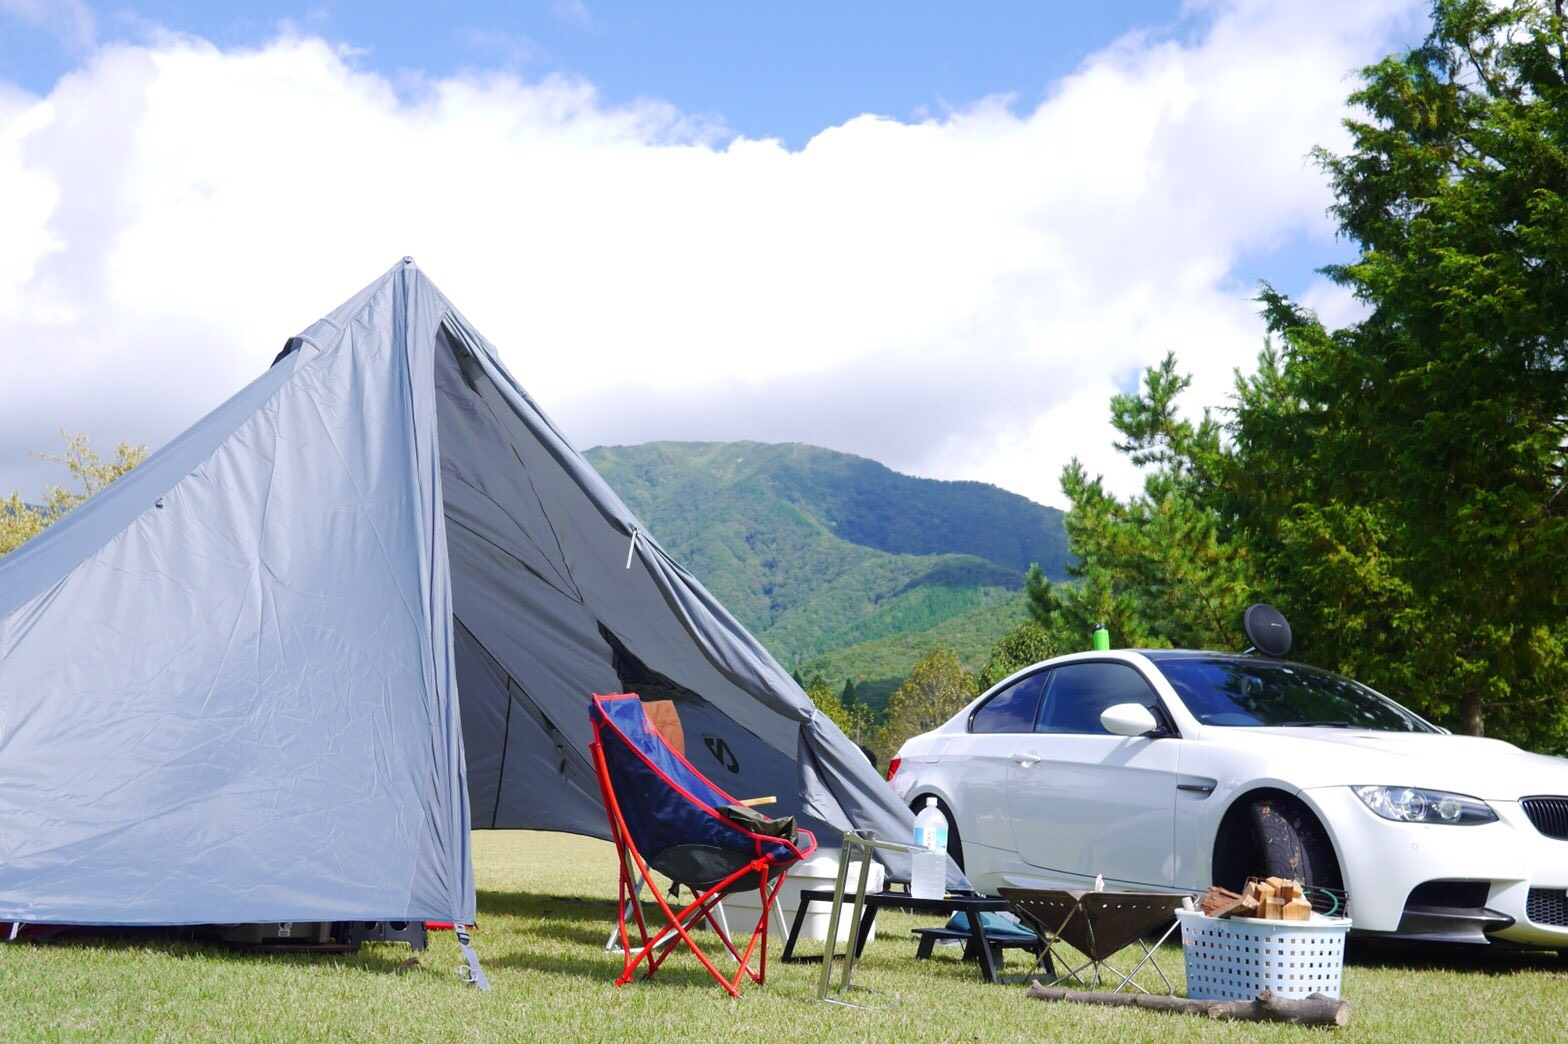 中蒜山オートキャンプ場最高!!予約、料金やアクセスなどまとめ